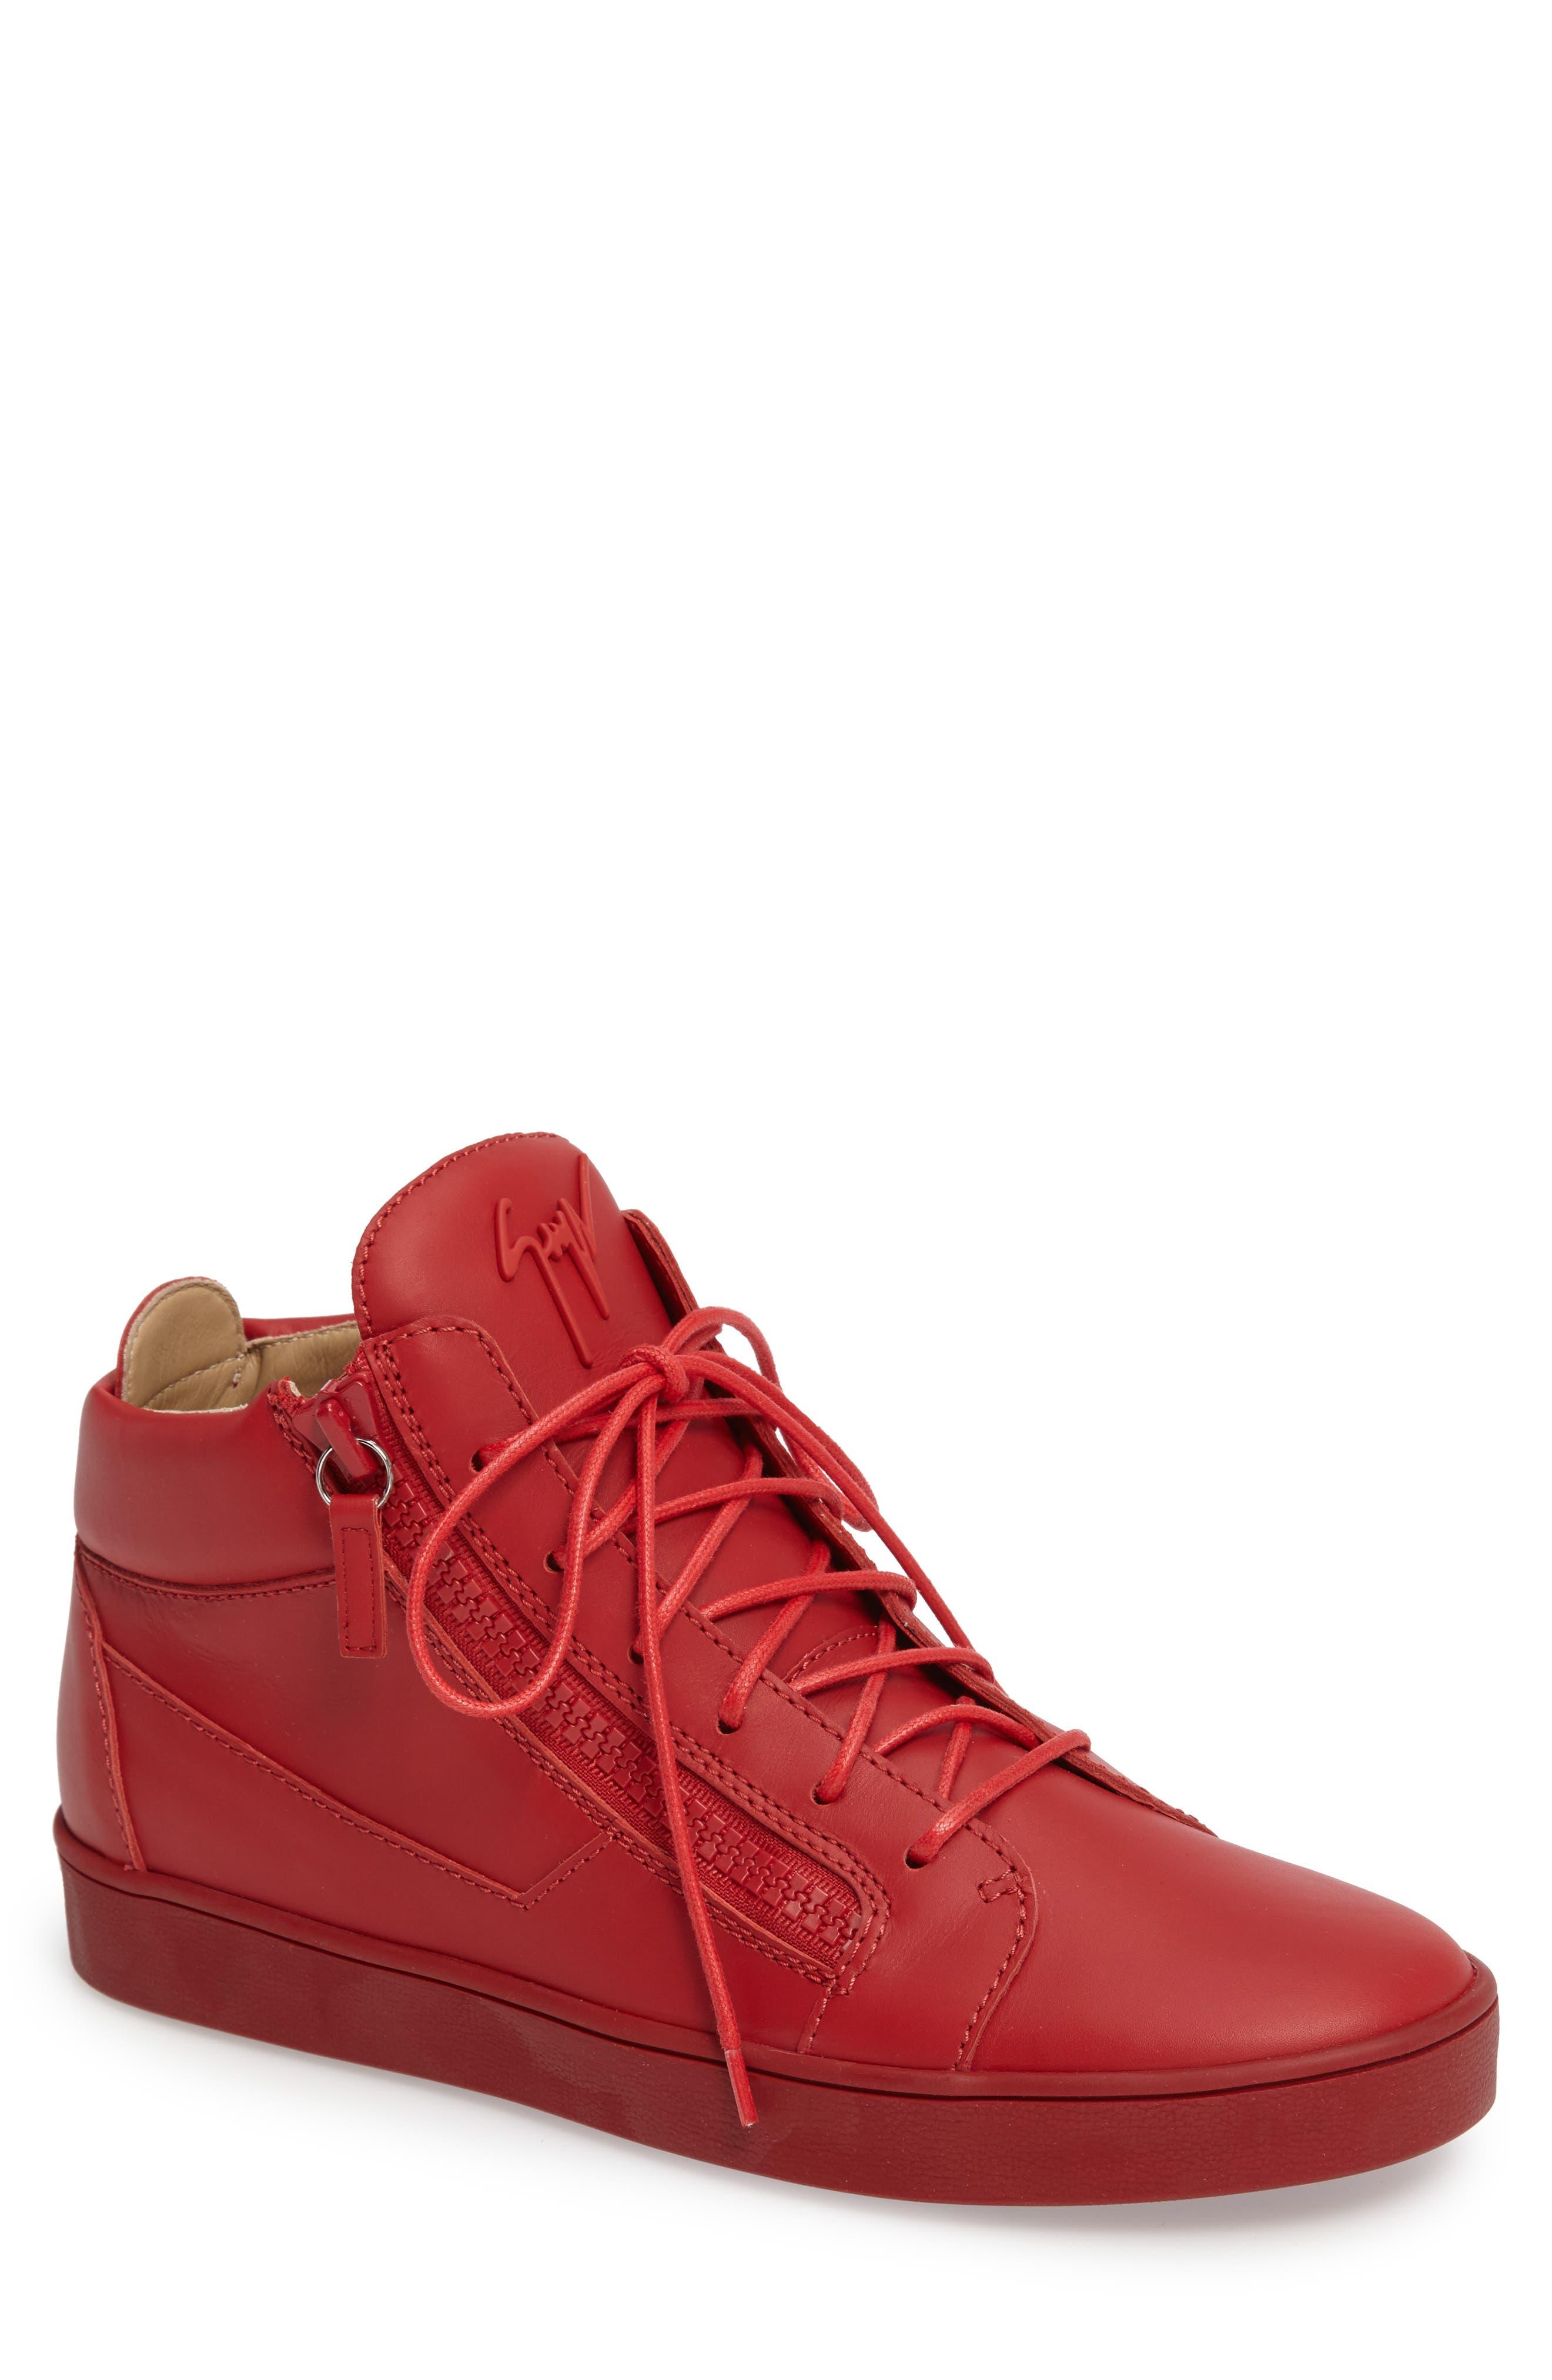 GIUSEPPE ZANOTTI Side Zip Mid Top Sneaker